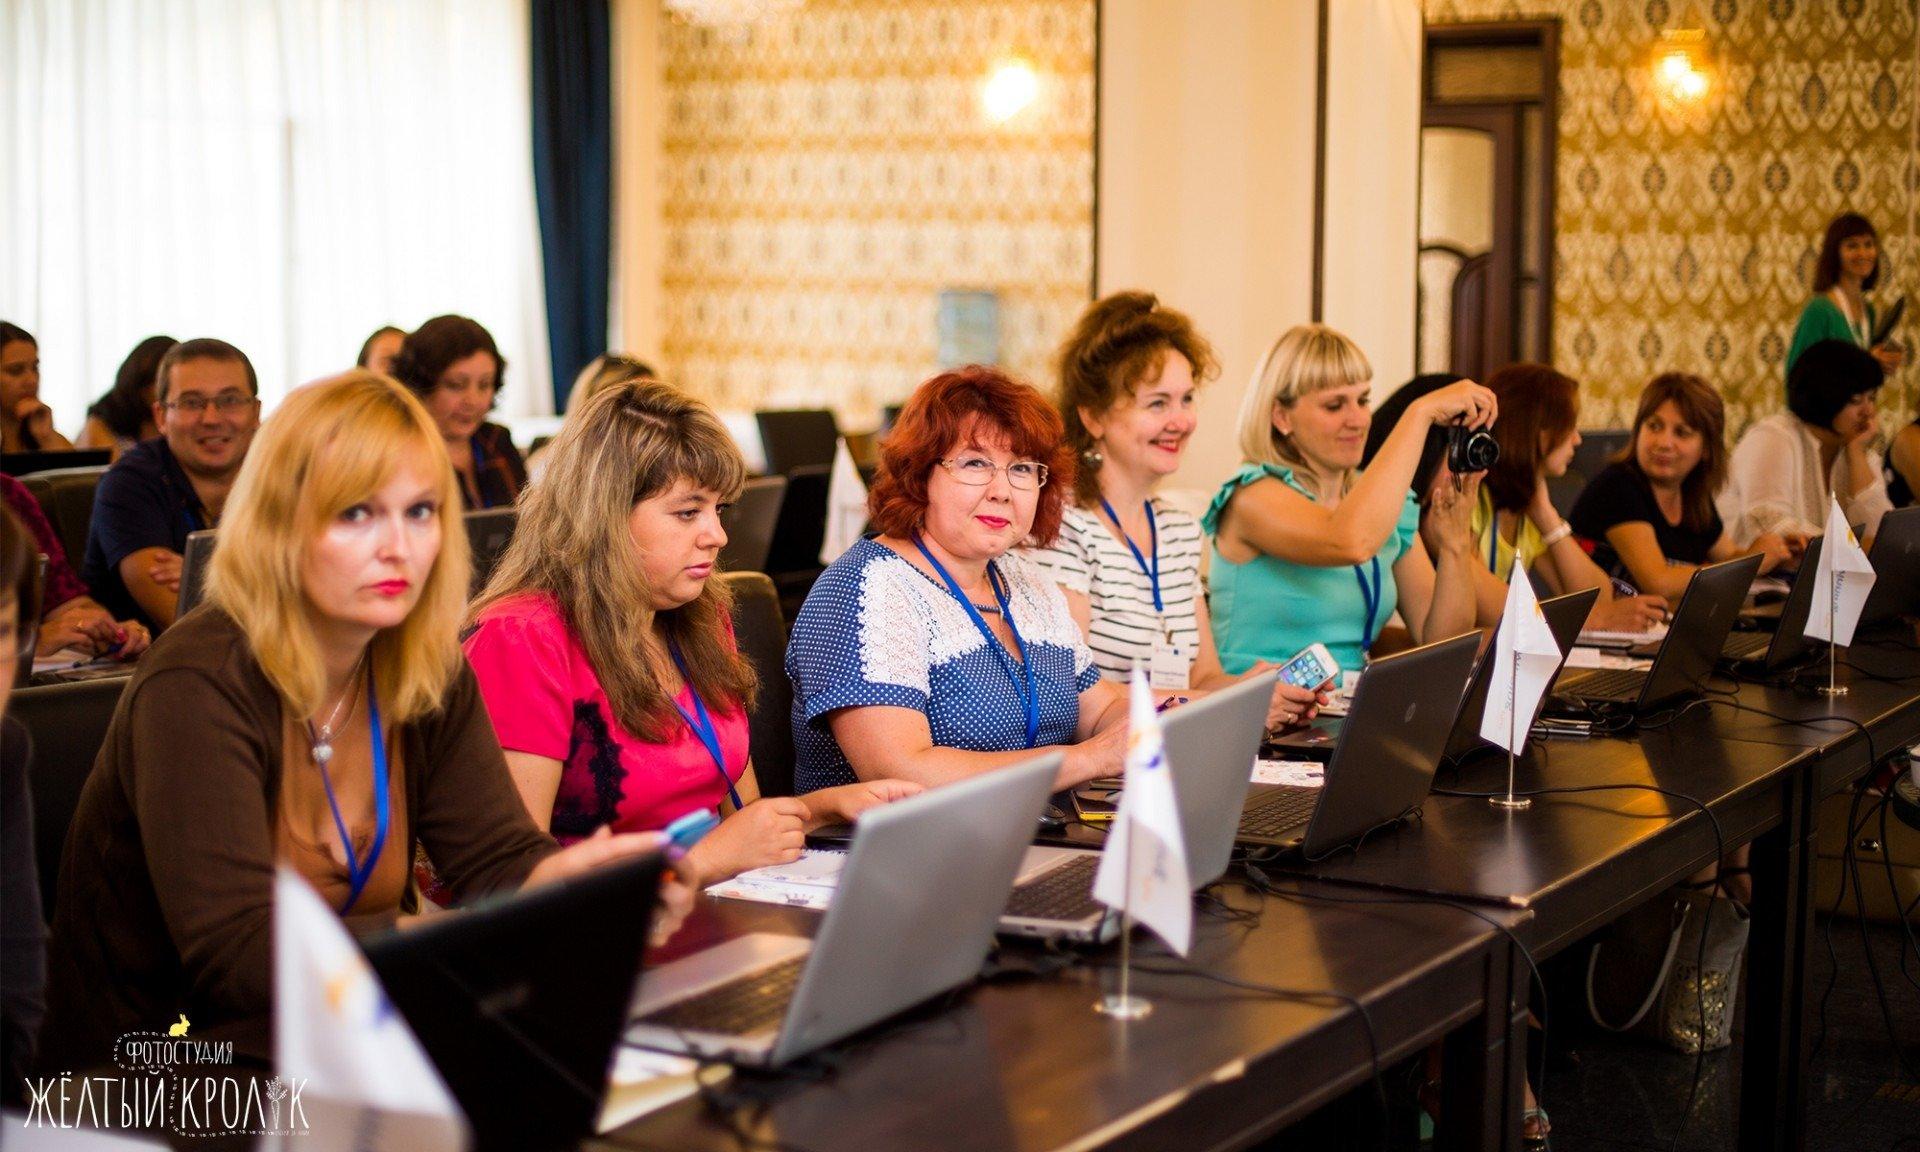 конференция учителей фото - репортажная фотосъемка в фотостудии желтый кролик